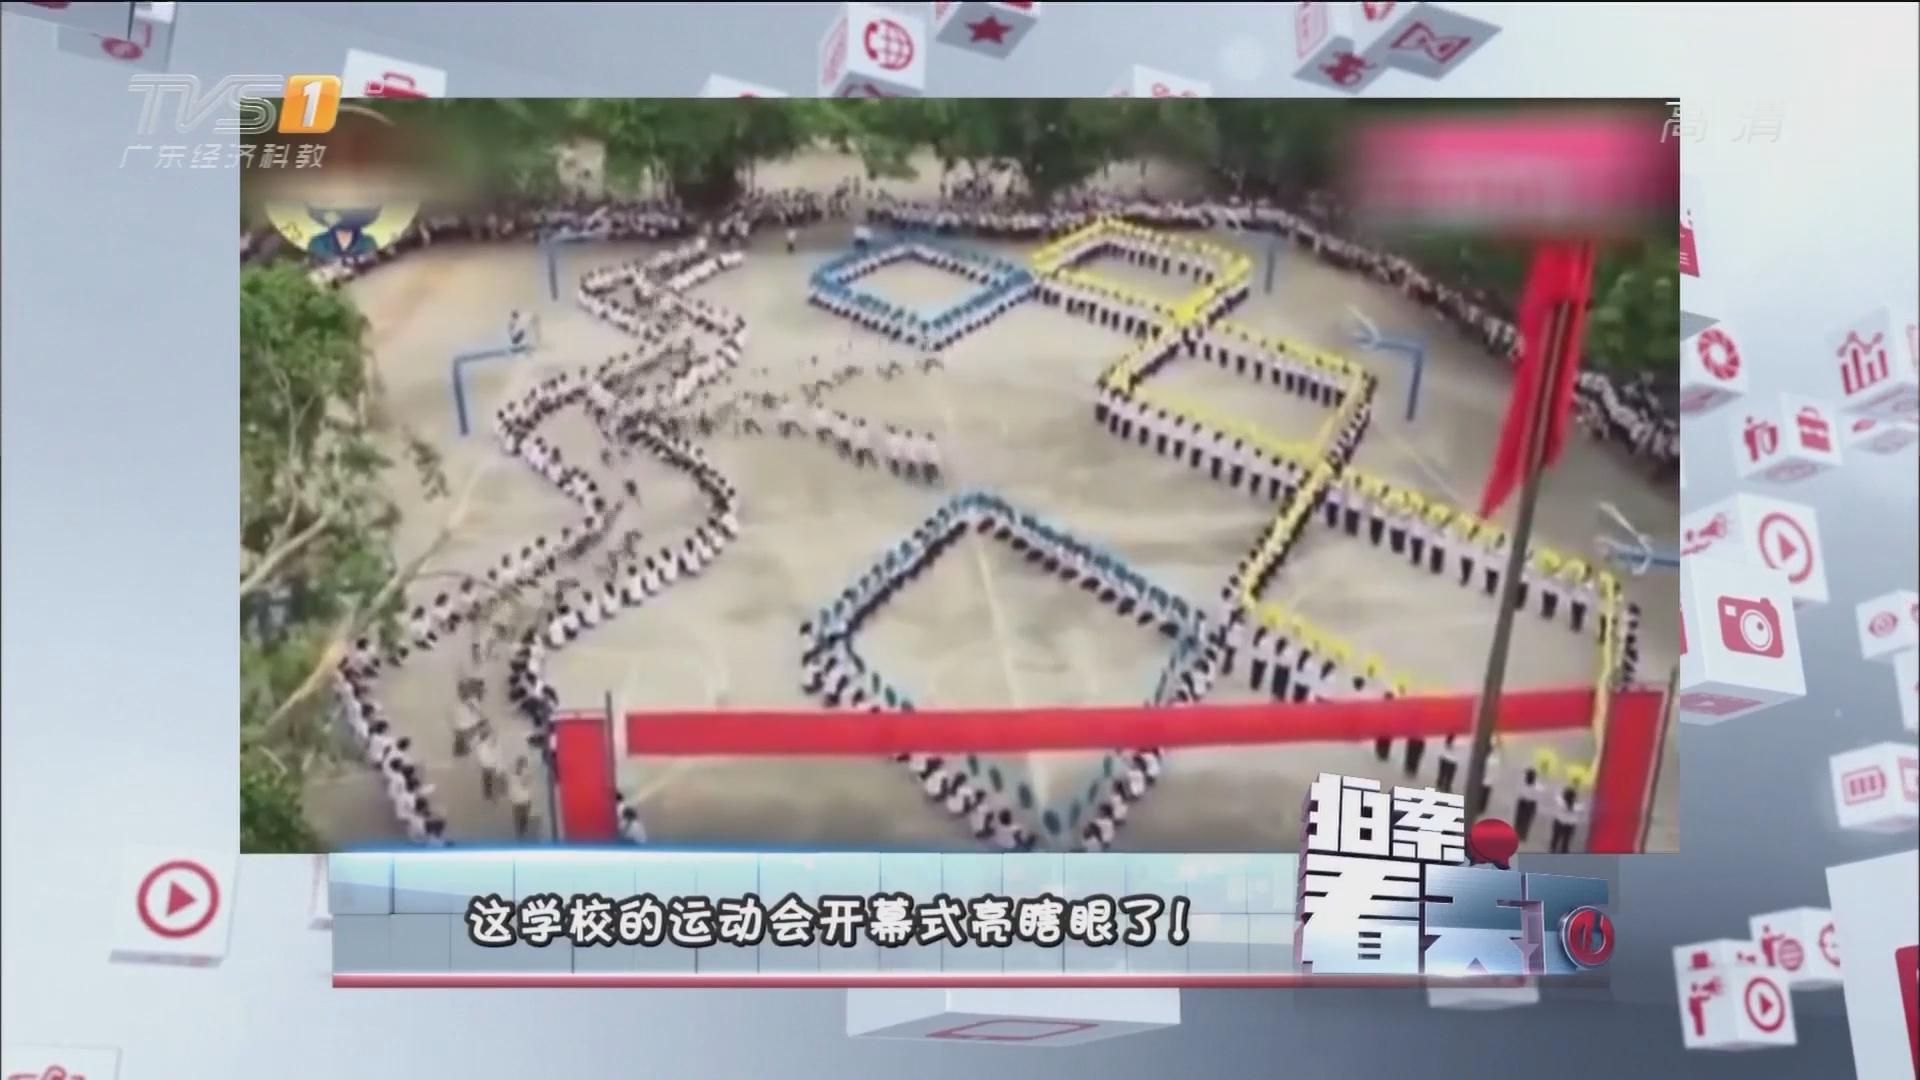 这学校的运动会开幕式亮瞎眼了!